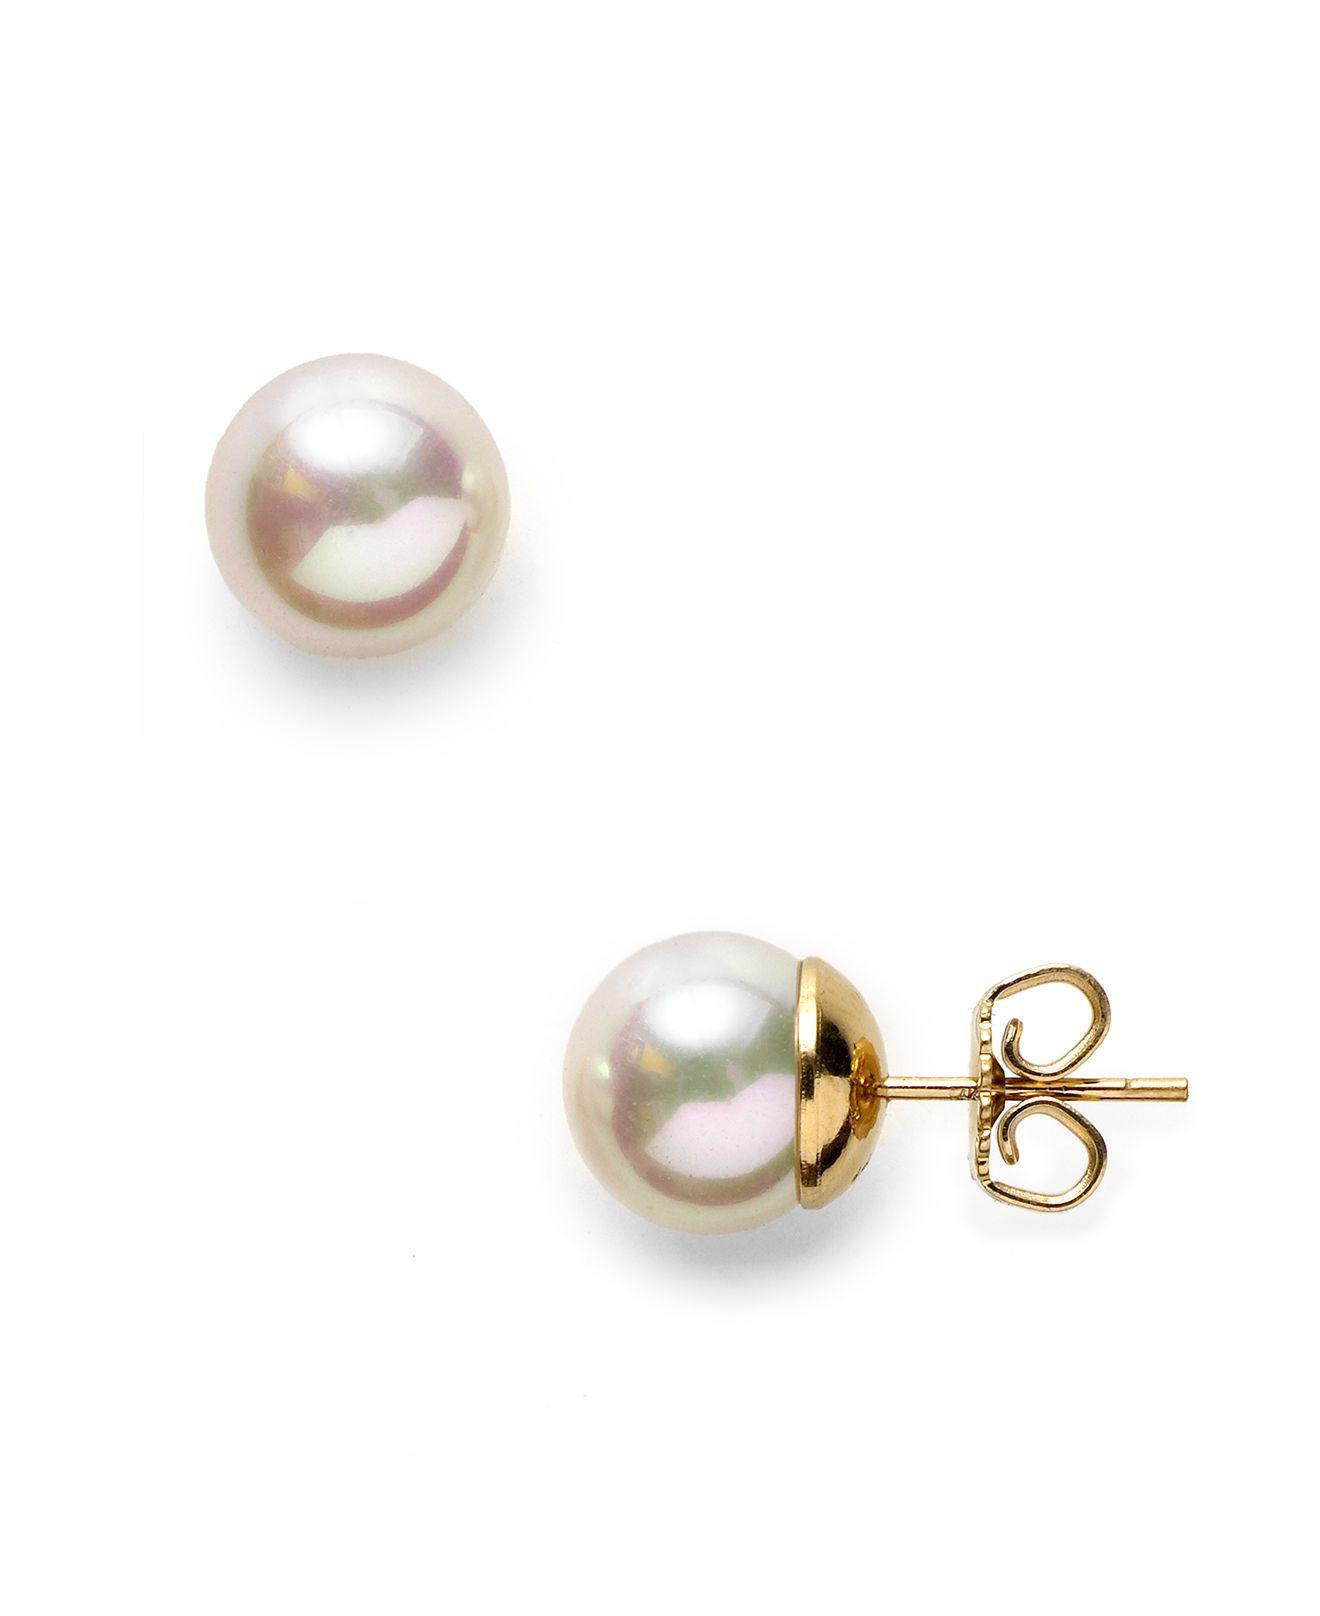 Majorica Pearl Double-Drop Pierced Earrings SF3OD